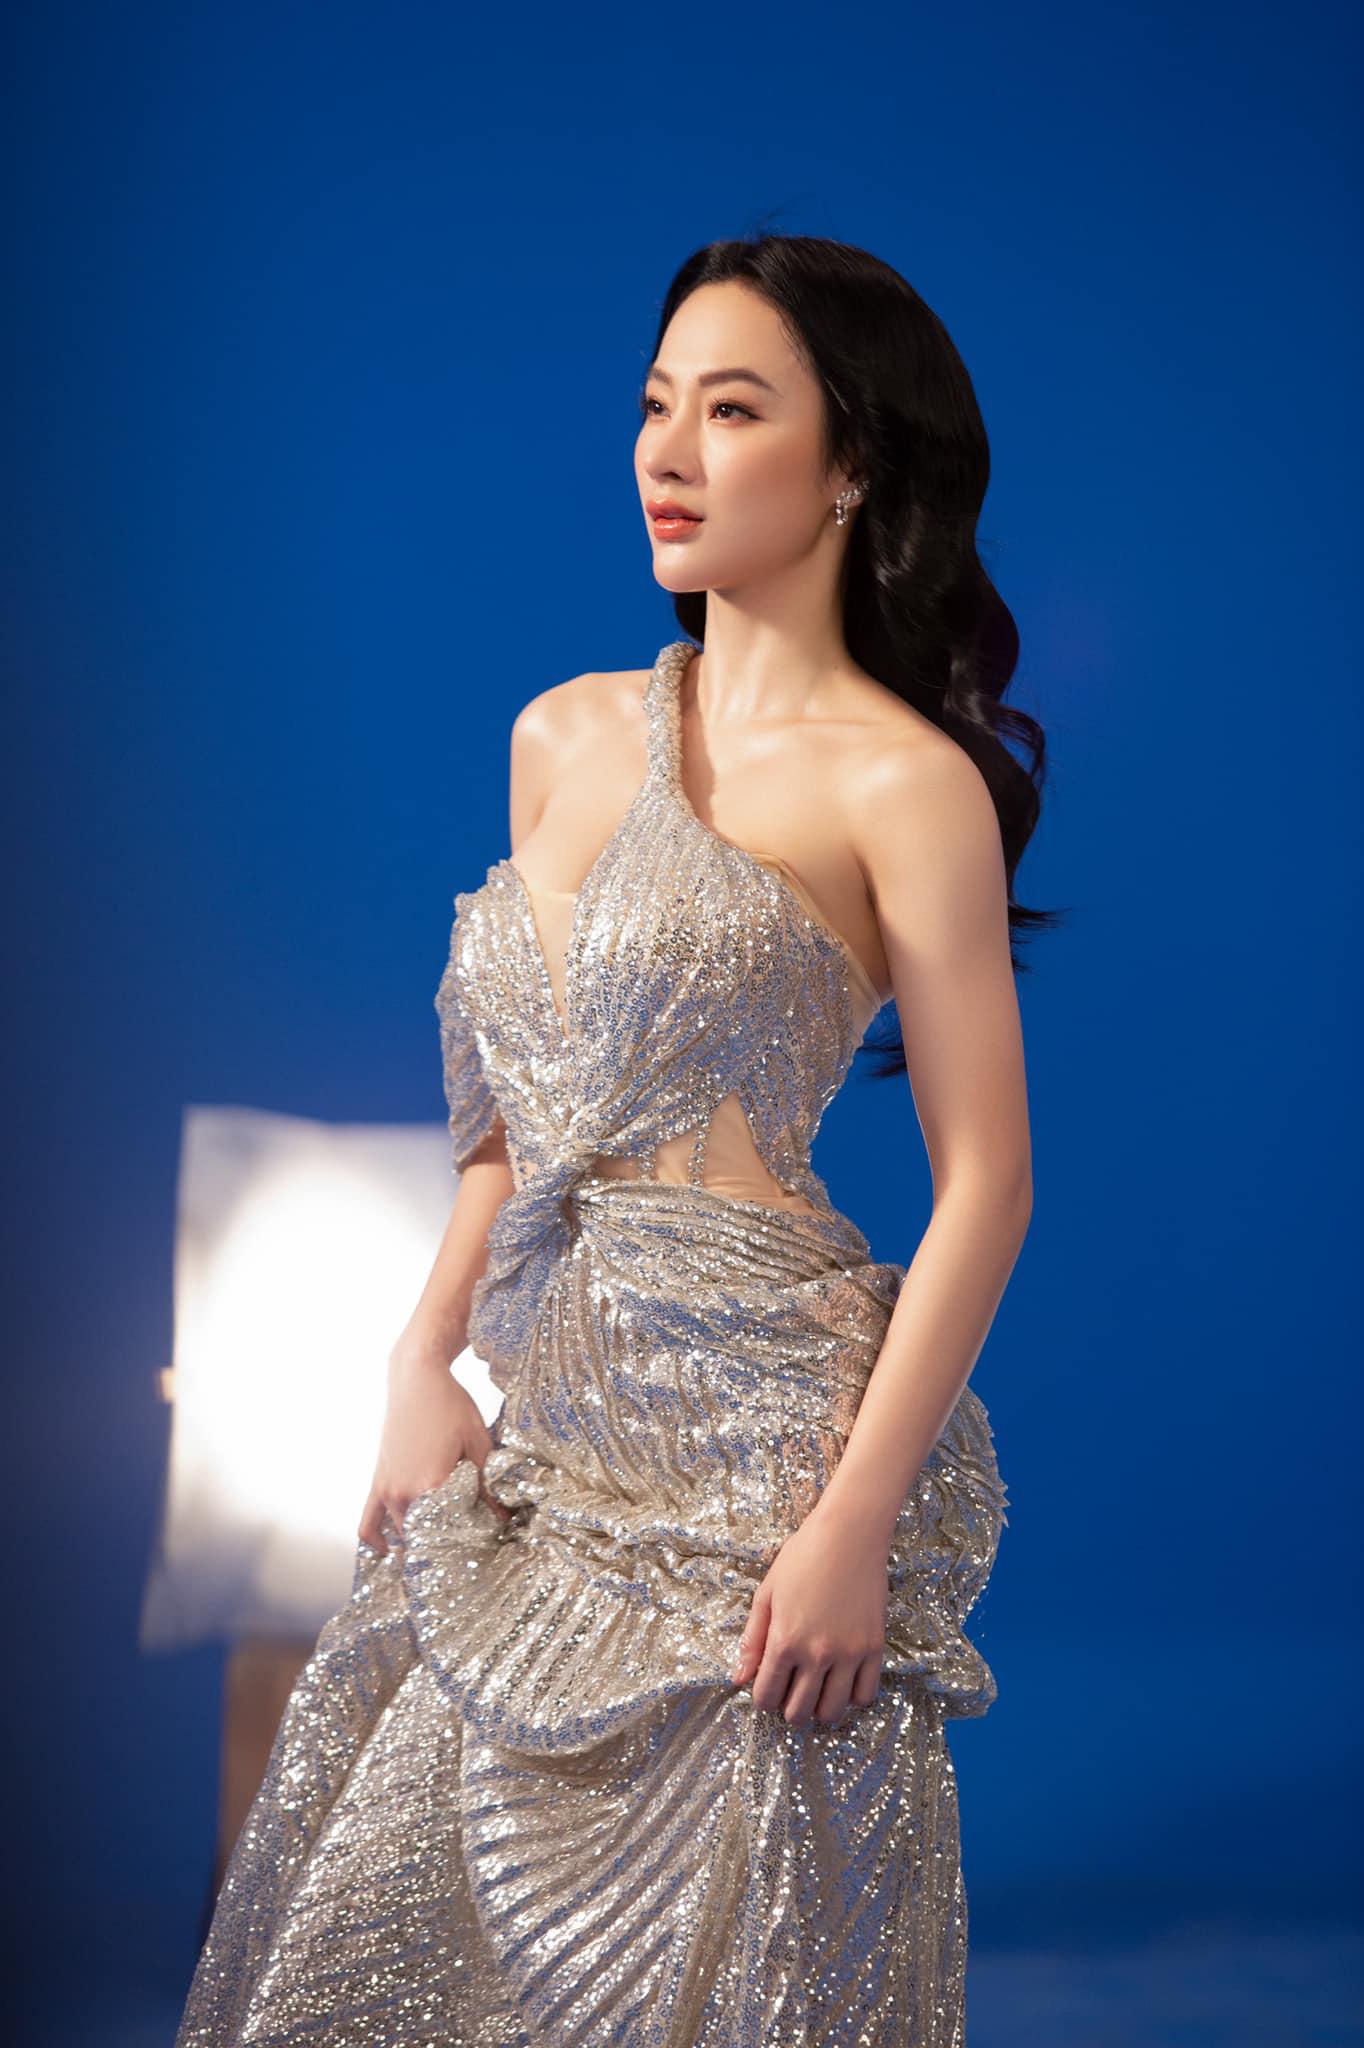 Angela Phương Trinh mặc áo yếm đẹp tựa nữ thần sau clip táo bạo dưới nước - Ảnh 4.